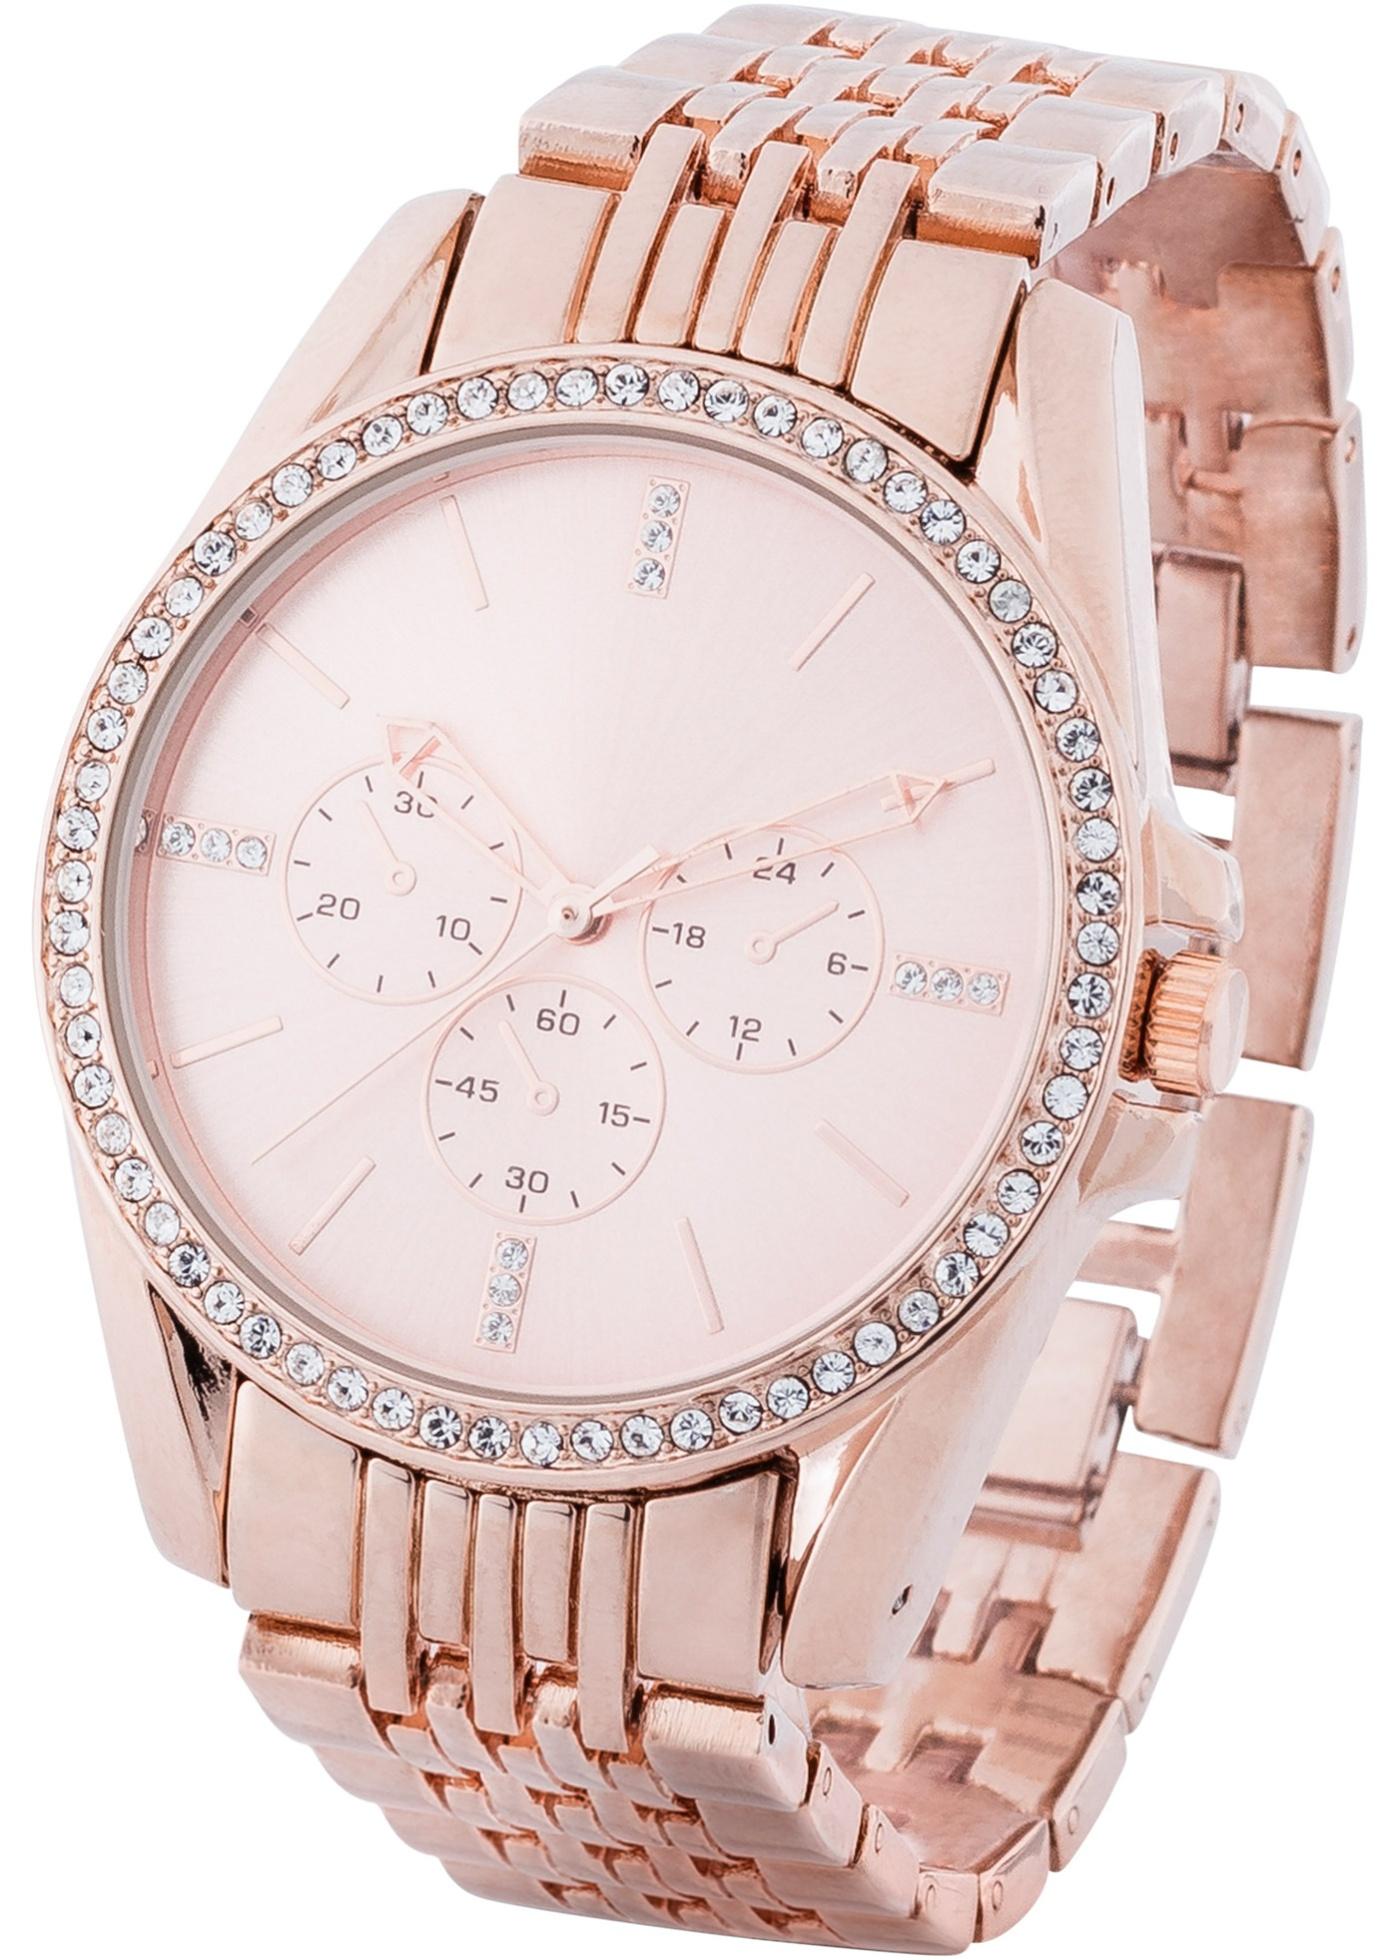 Bonprix SE - Klocka med Swarovski®-kristaller 599.00